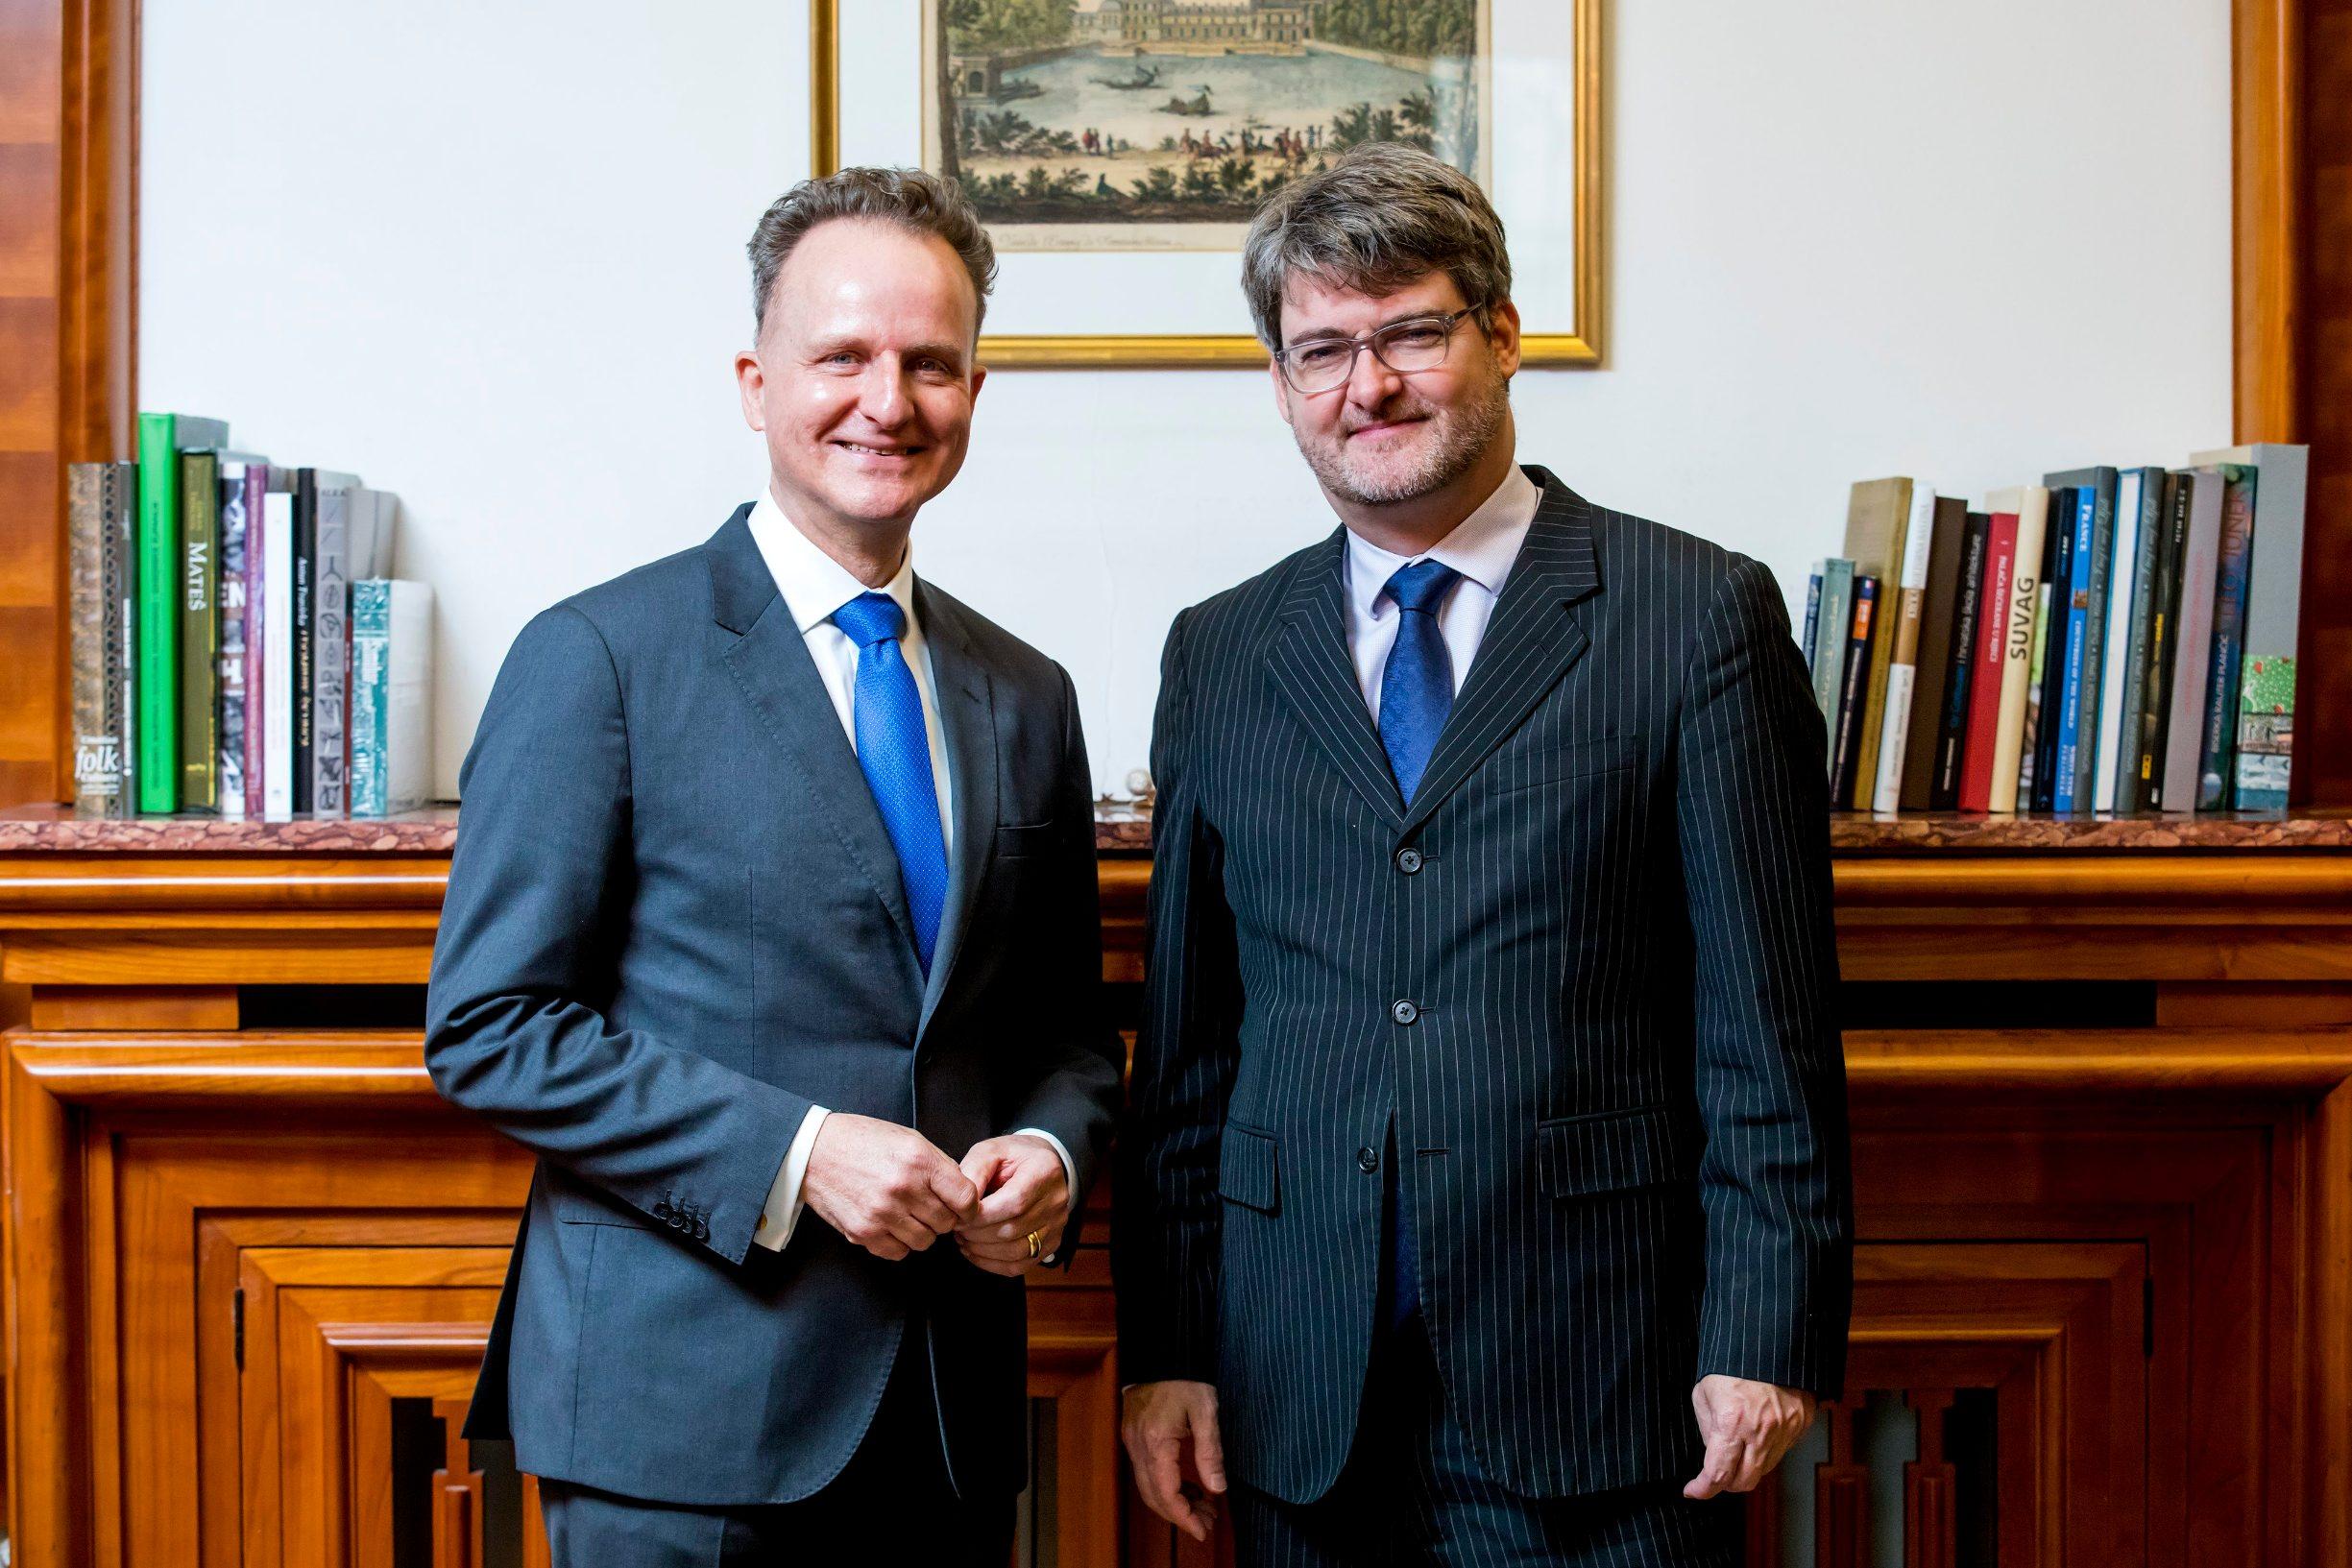 German ambassador Robert Klinke (left) and French ambassador Gaël Francois Veyssière